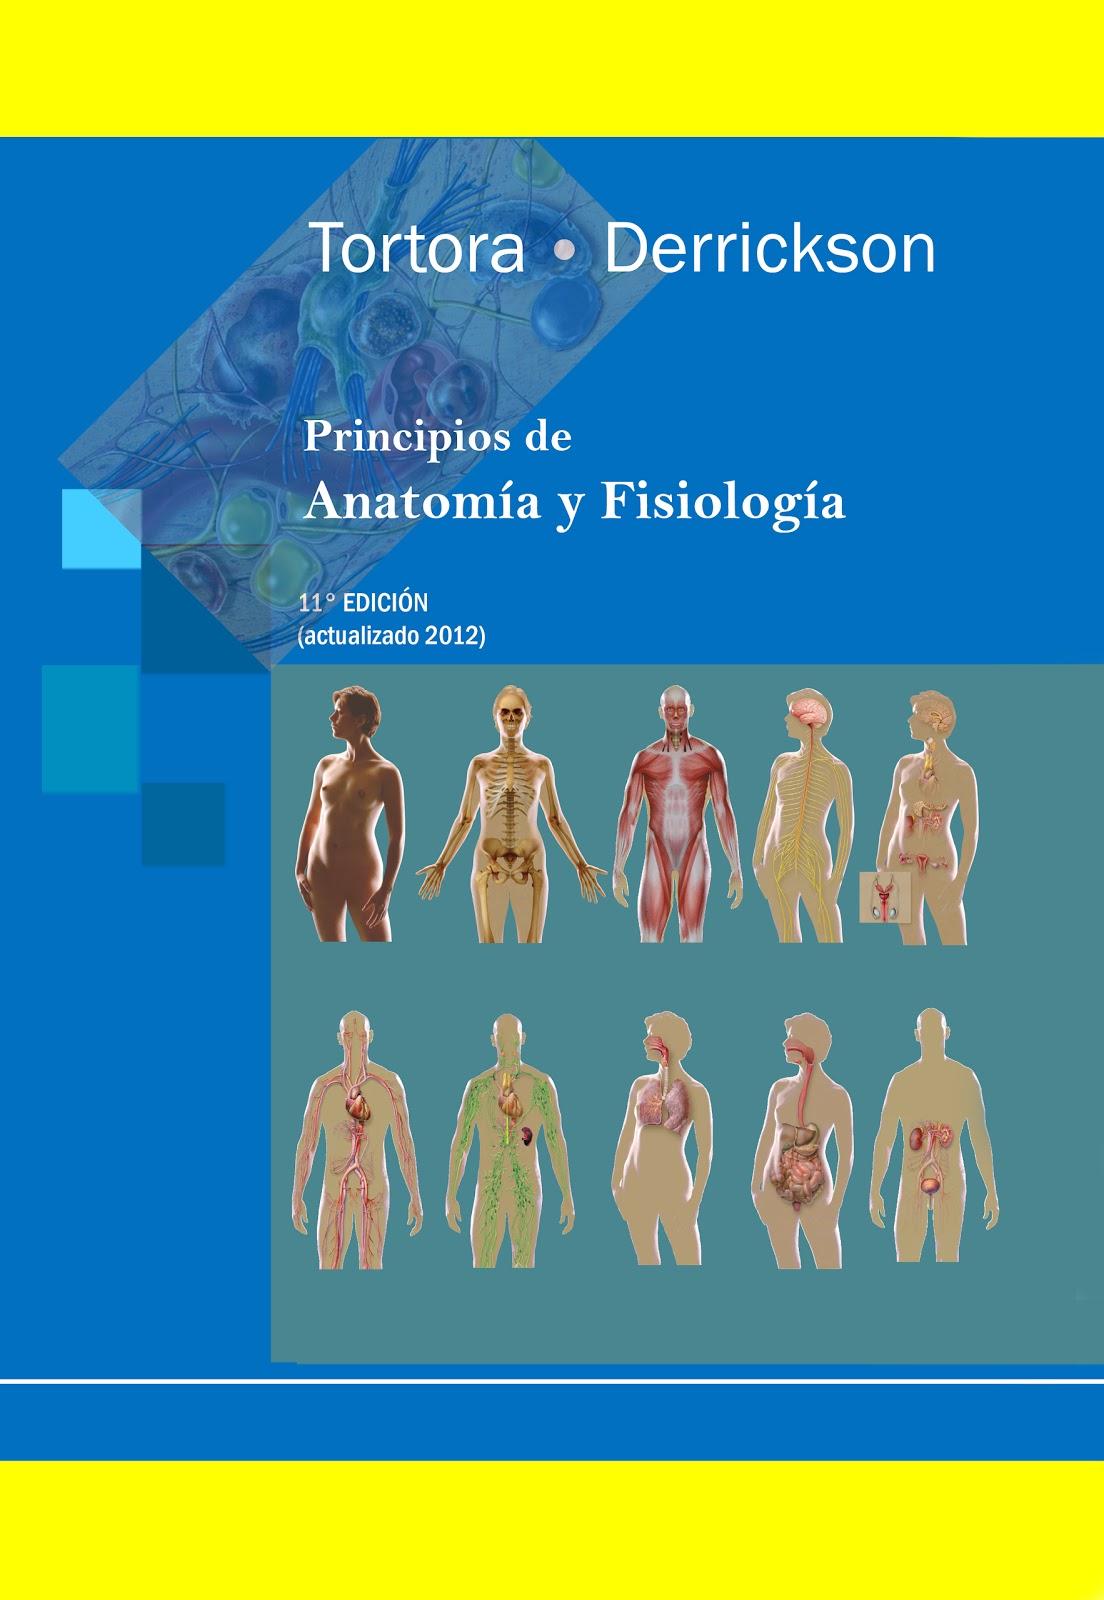 Introduccion al cuerpo humano tortora derrickson pdf / Haunted ...